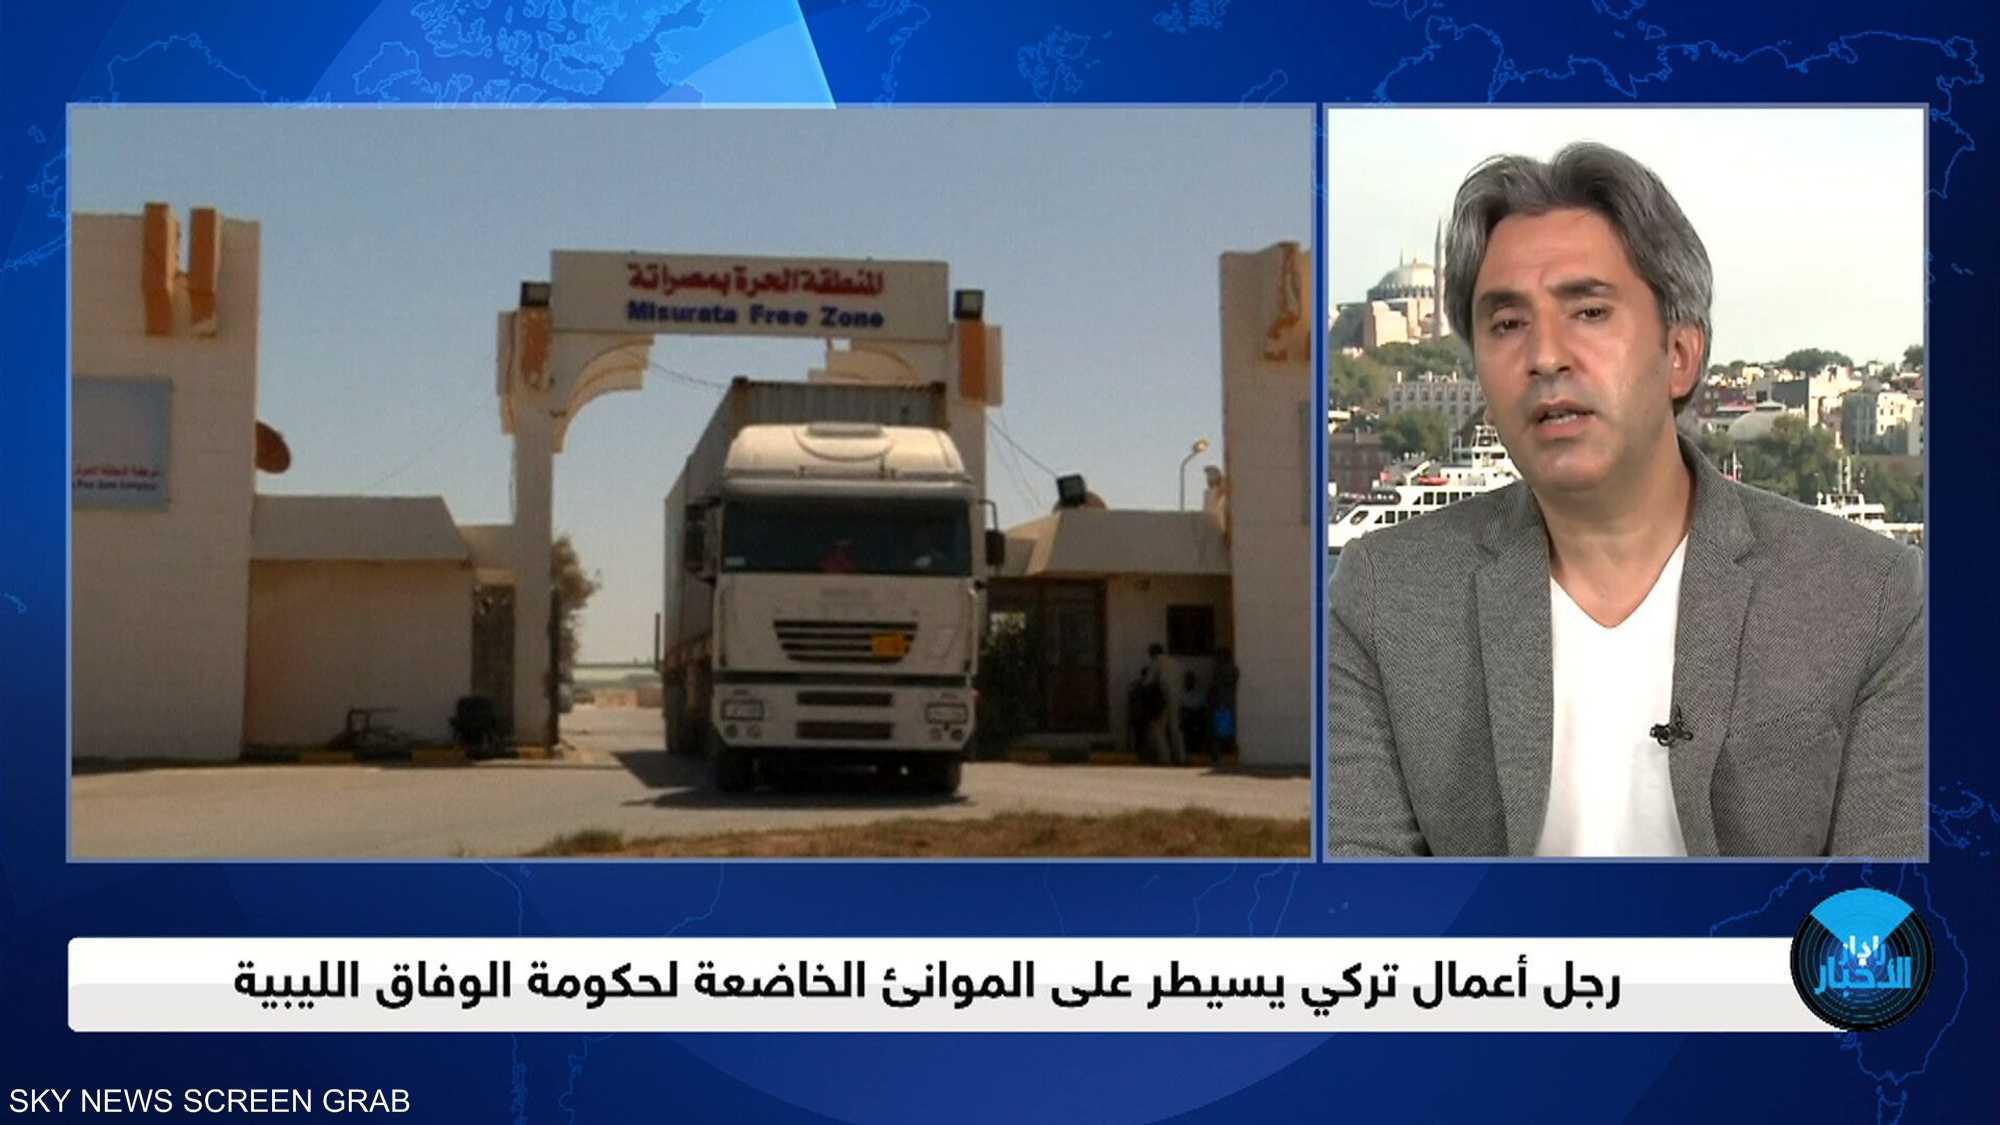 """""""أفريكا إنتلجنس"""" يكشف سعي تركيا للسيطرة على اقتصاد ليبيا"""